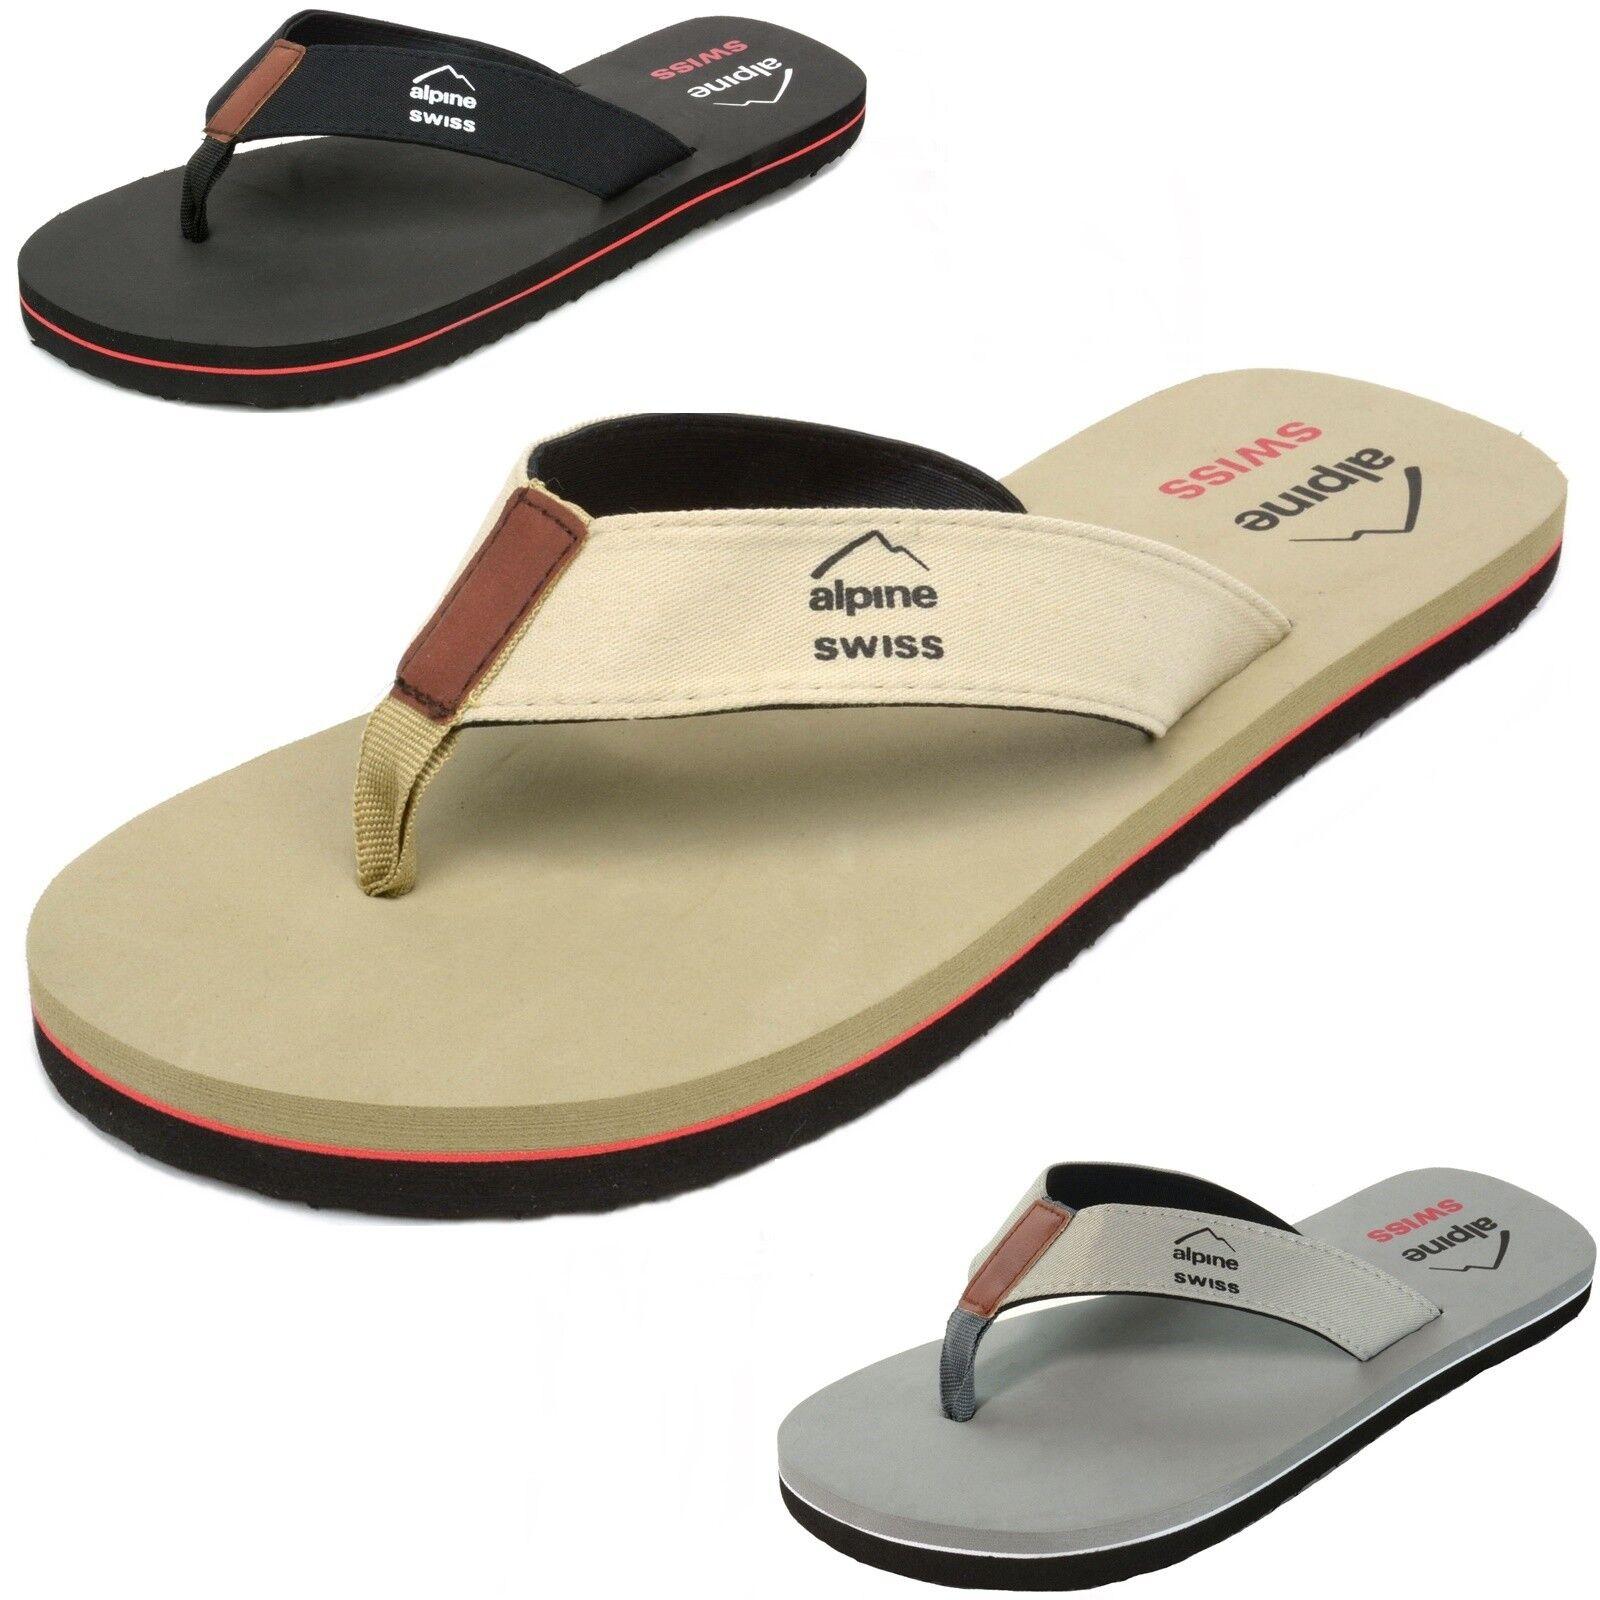 4eaf2fce734620 Alpine Swiss Mens Flip Flops Beach Sandals Lightweight EVA Sole Comfort  Thongs 아이템 넘버  401124134917.